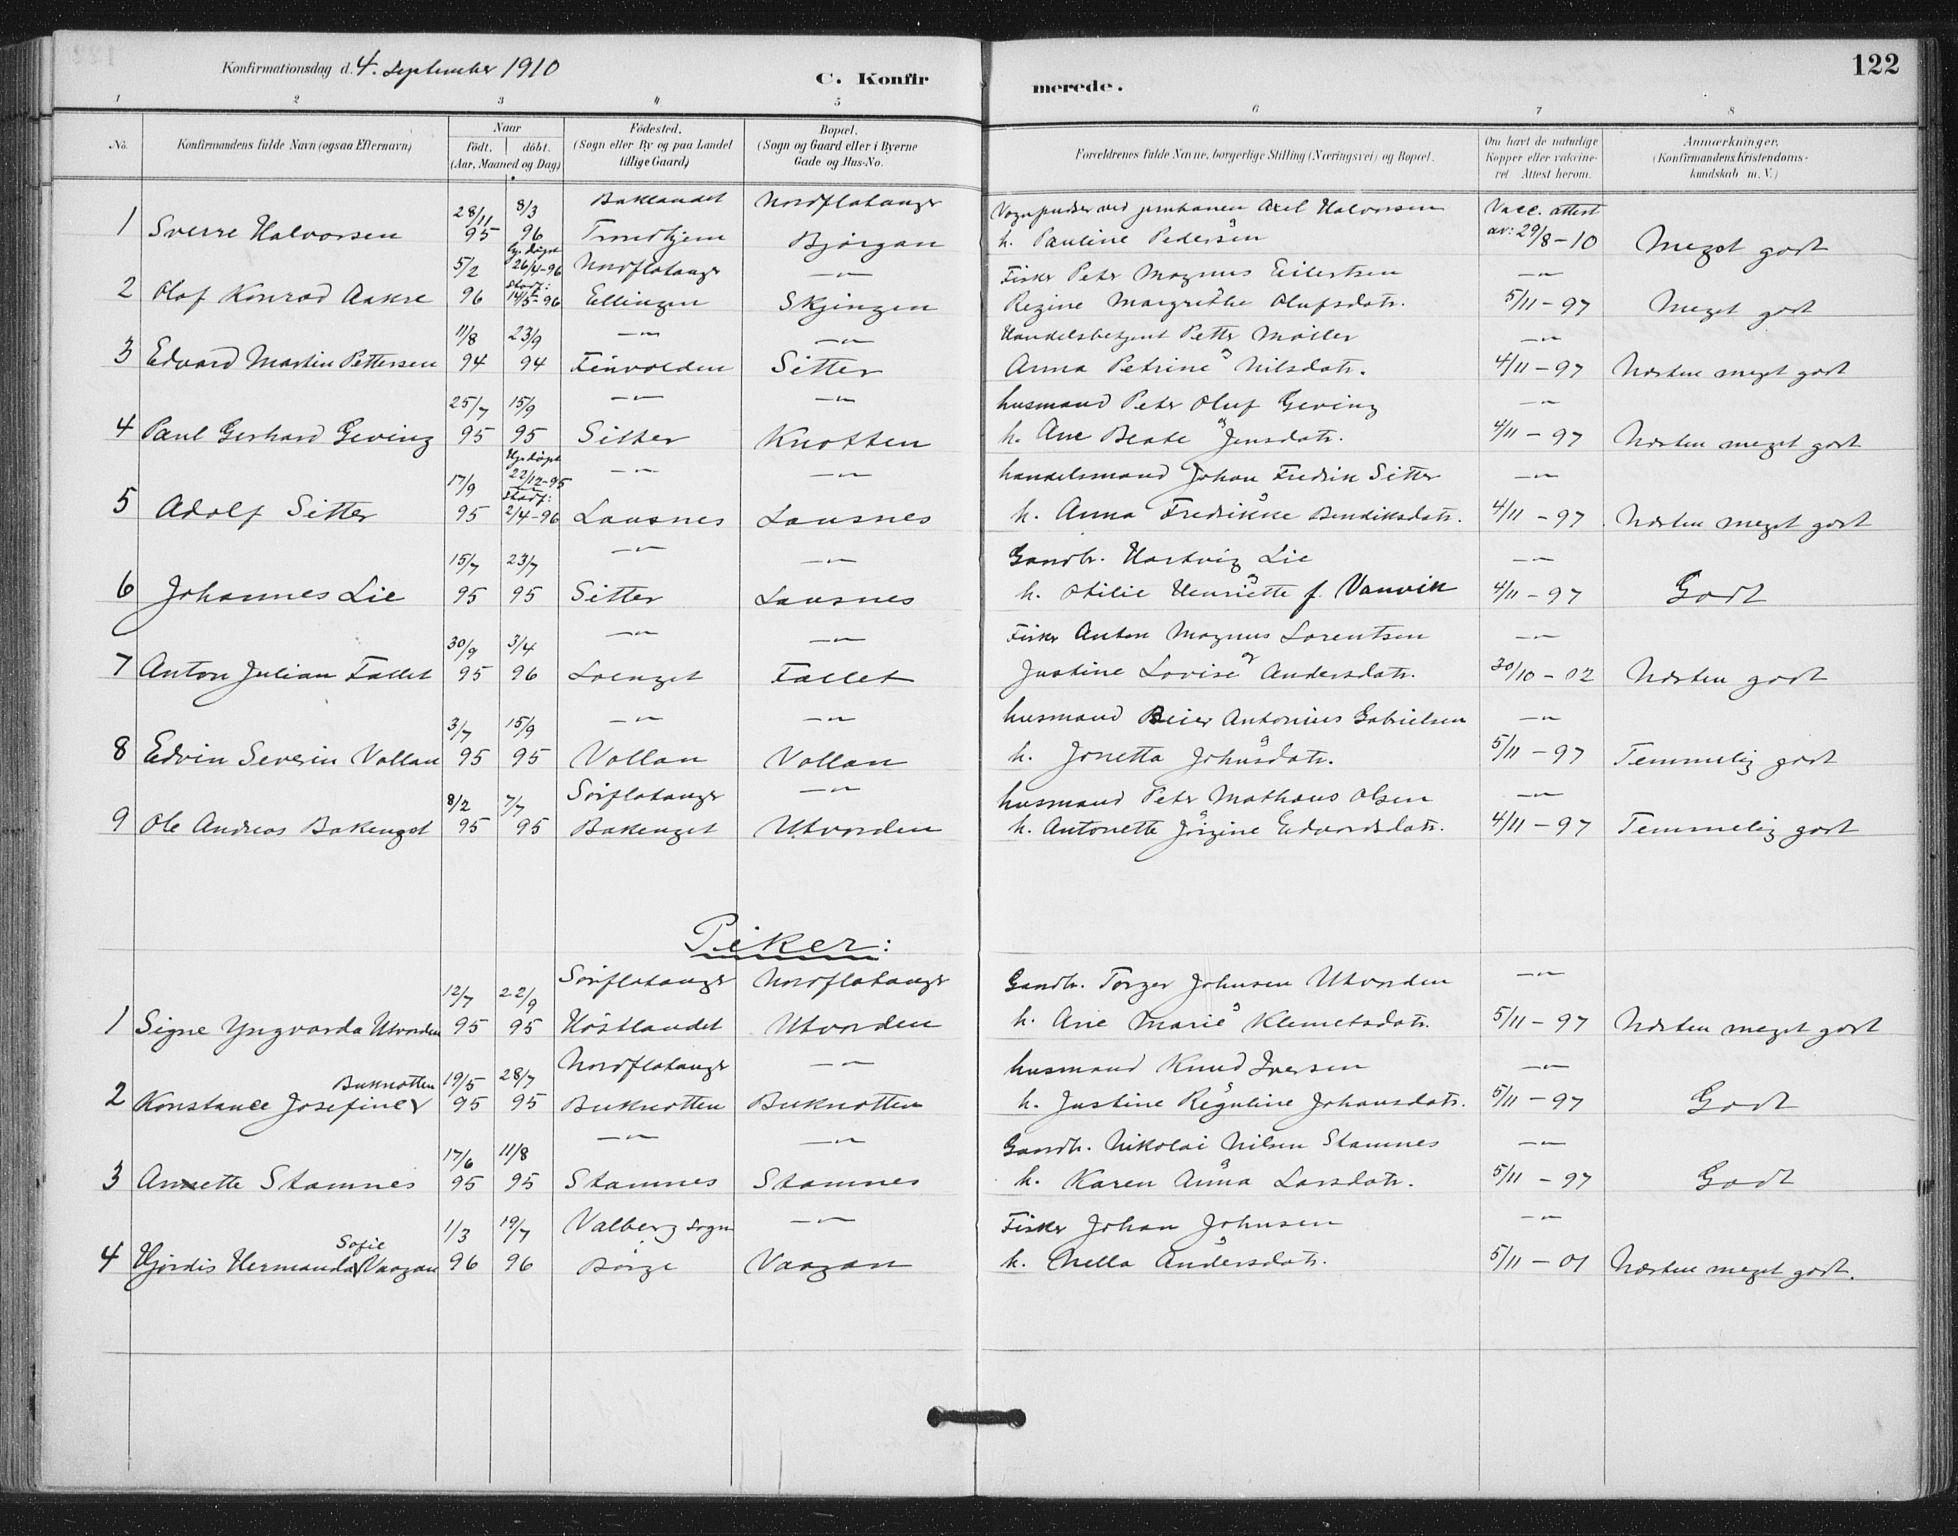 SAT, Ministerialprotokoller, klokkerbøker og fødselsregistre - Nord-Trøndelag, 772/L0603: Ministerialbok nr. 772A01, 1885-1912, s. 122